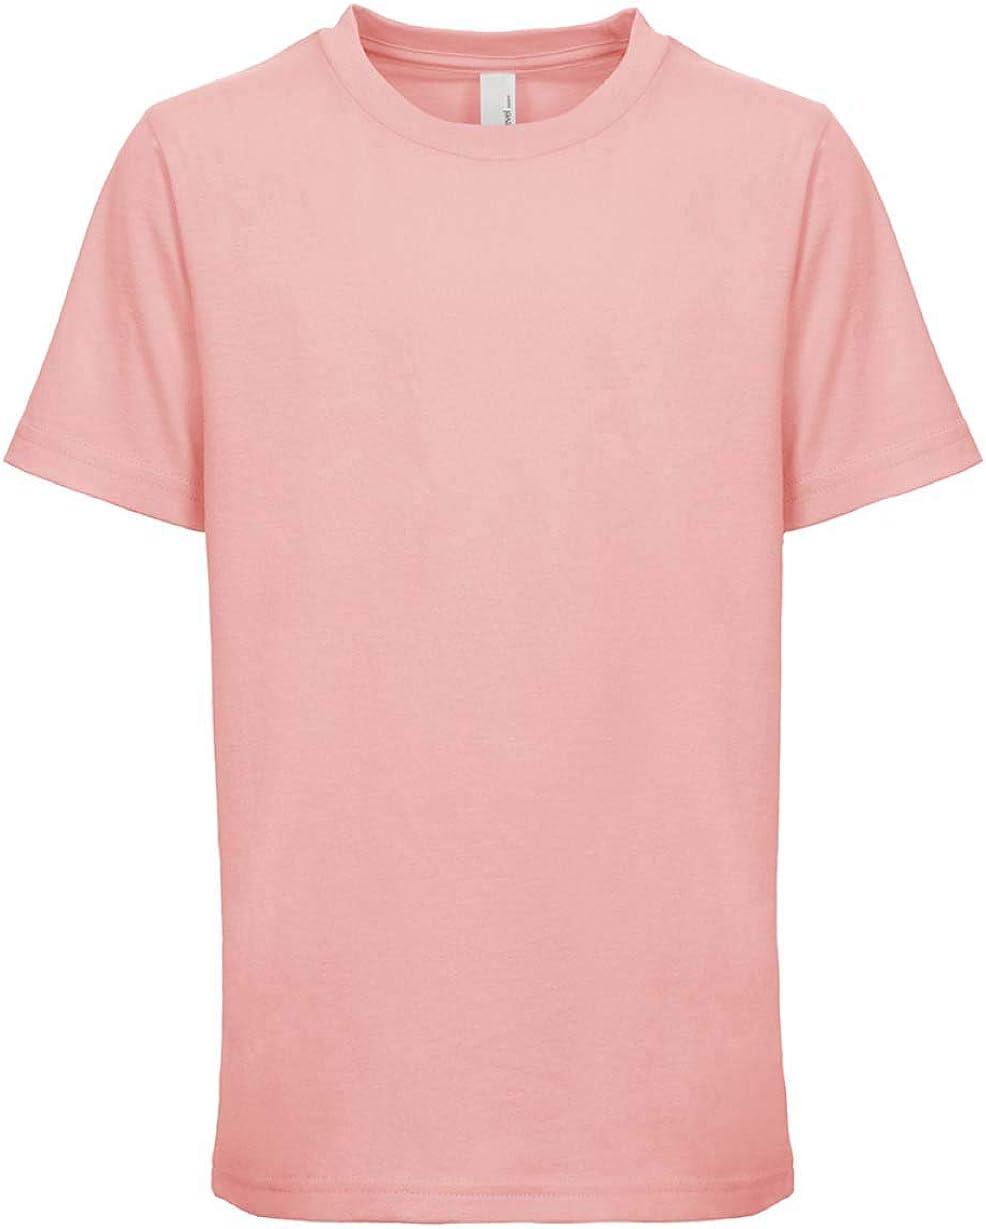 Next Level Kids Crew Neck T-Shirt Light Pink L